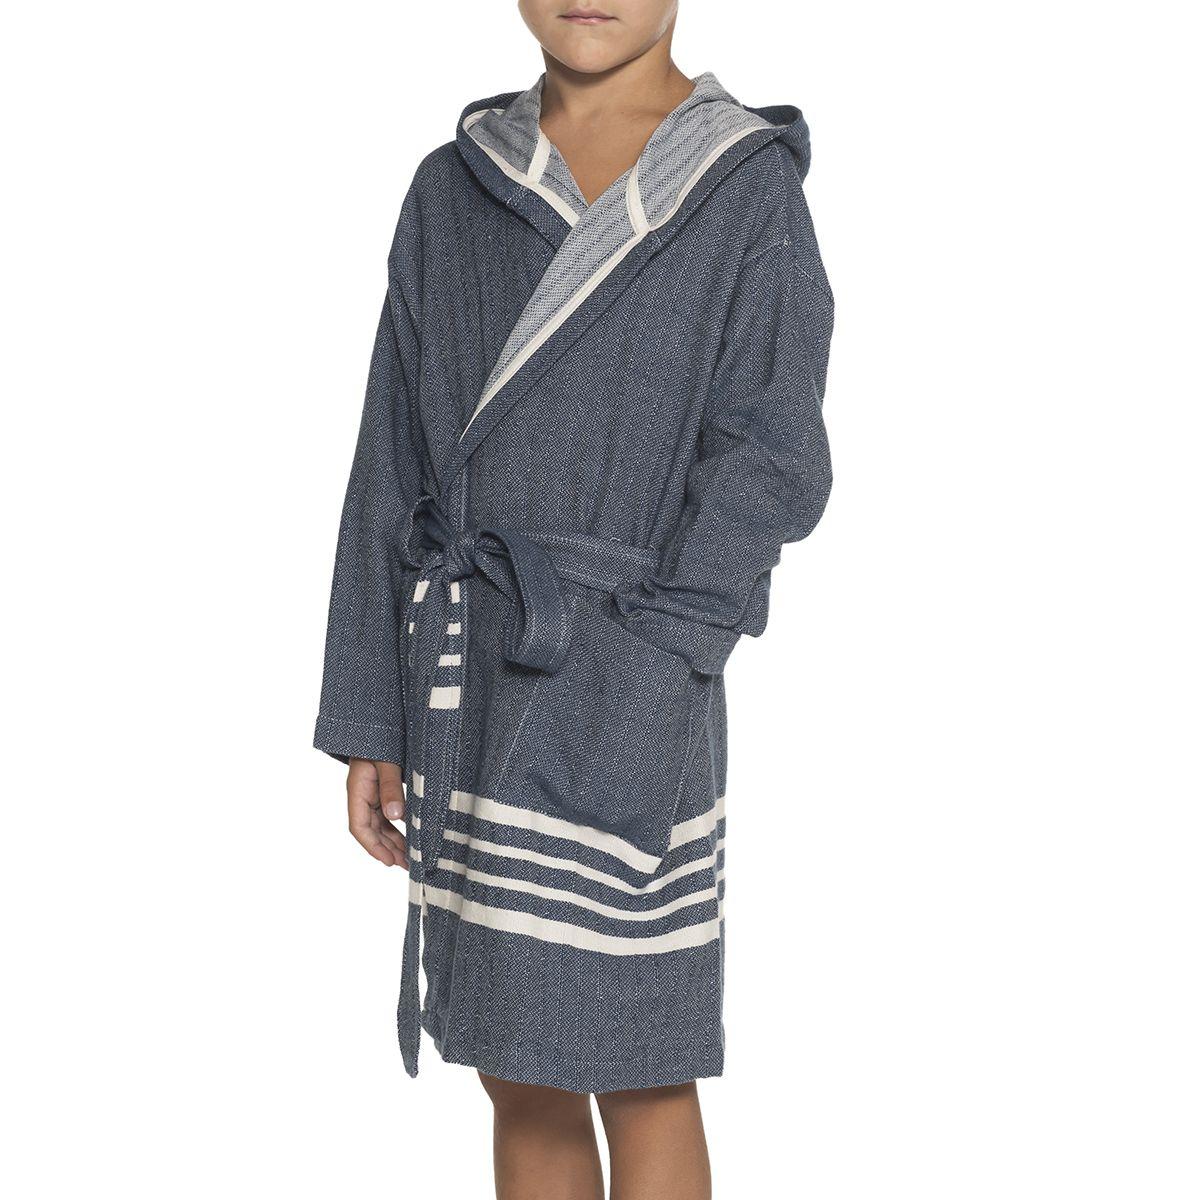 Bathrobe Kiddo with hood - Navy